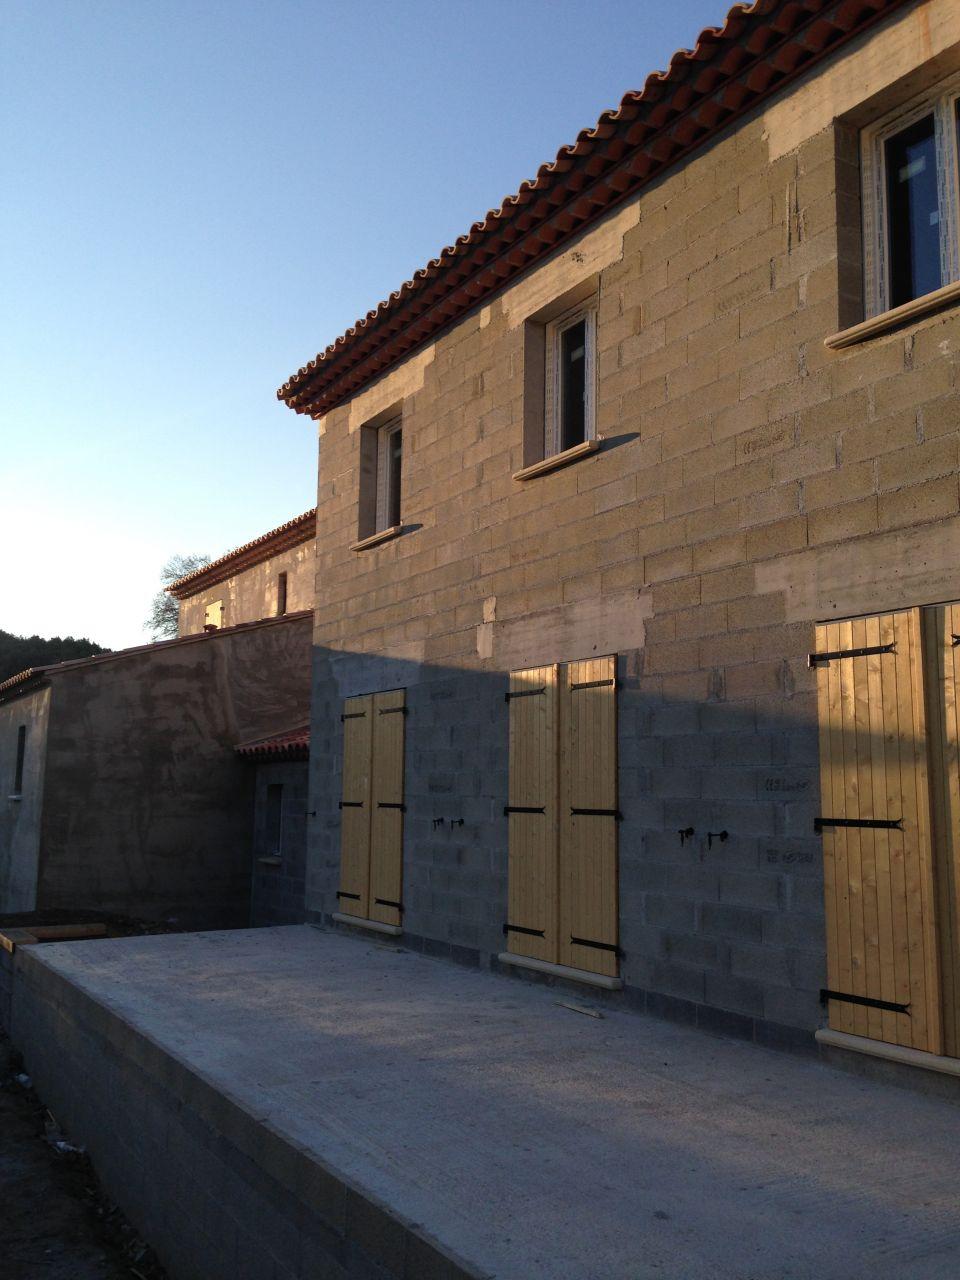 façade sur pose des menuiseries et volets provençales 47 mm d'épaisseurs plus protection en zinc sur le haut des volets